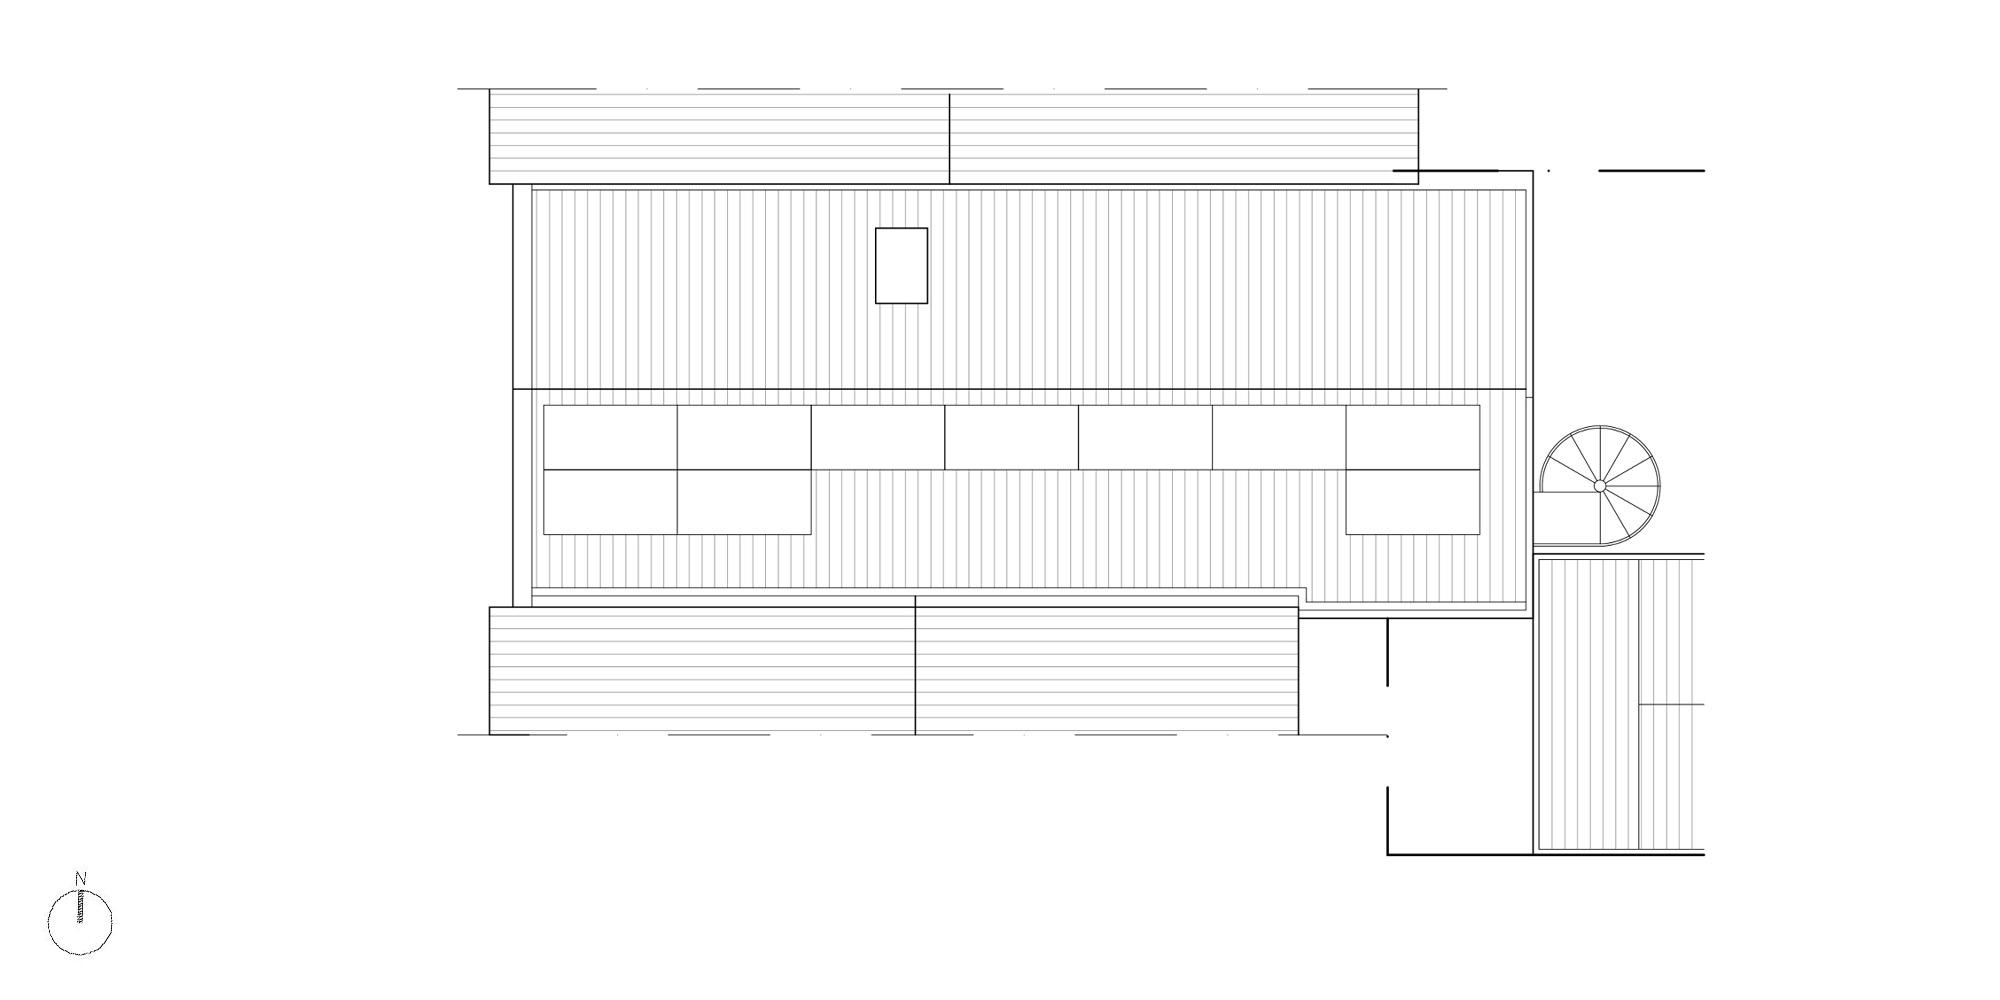 Pianta copertura © Piraccini + Potente Architettur